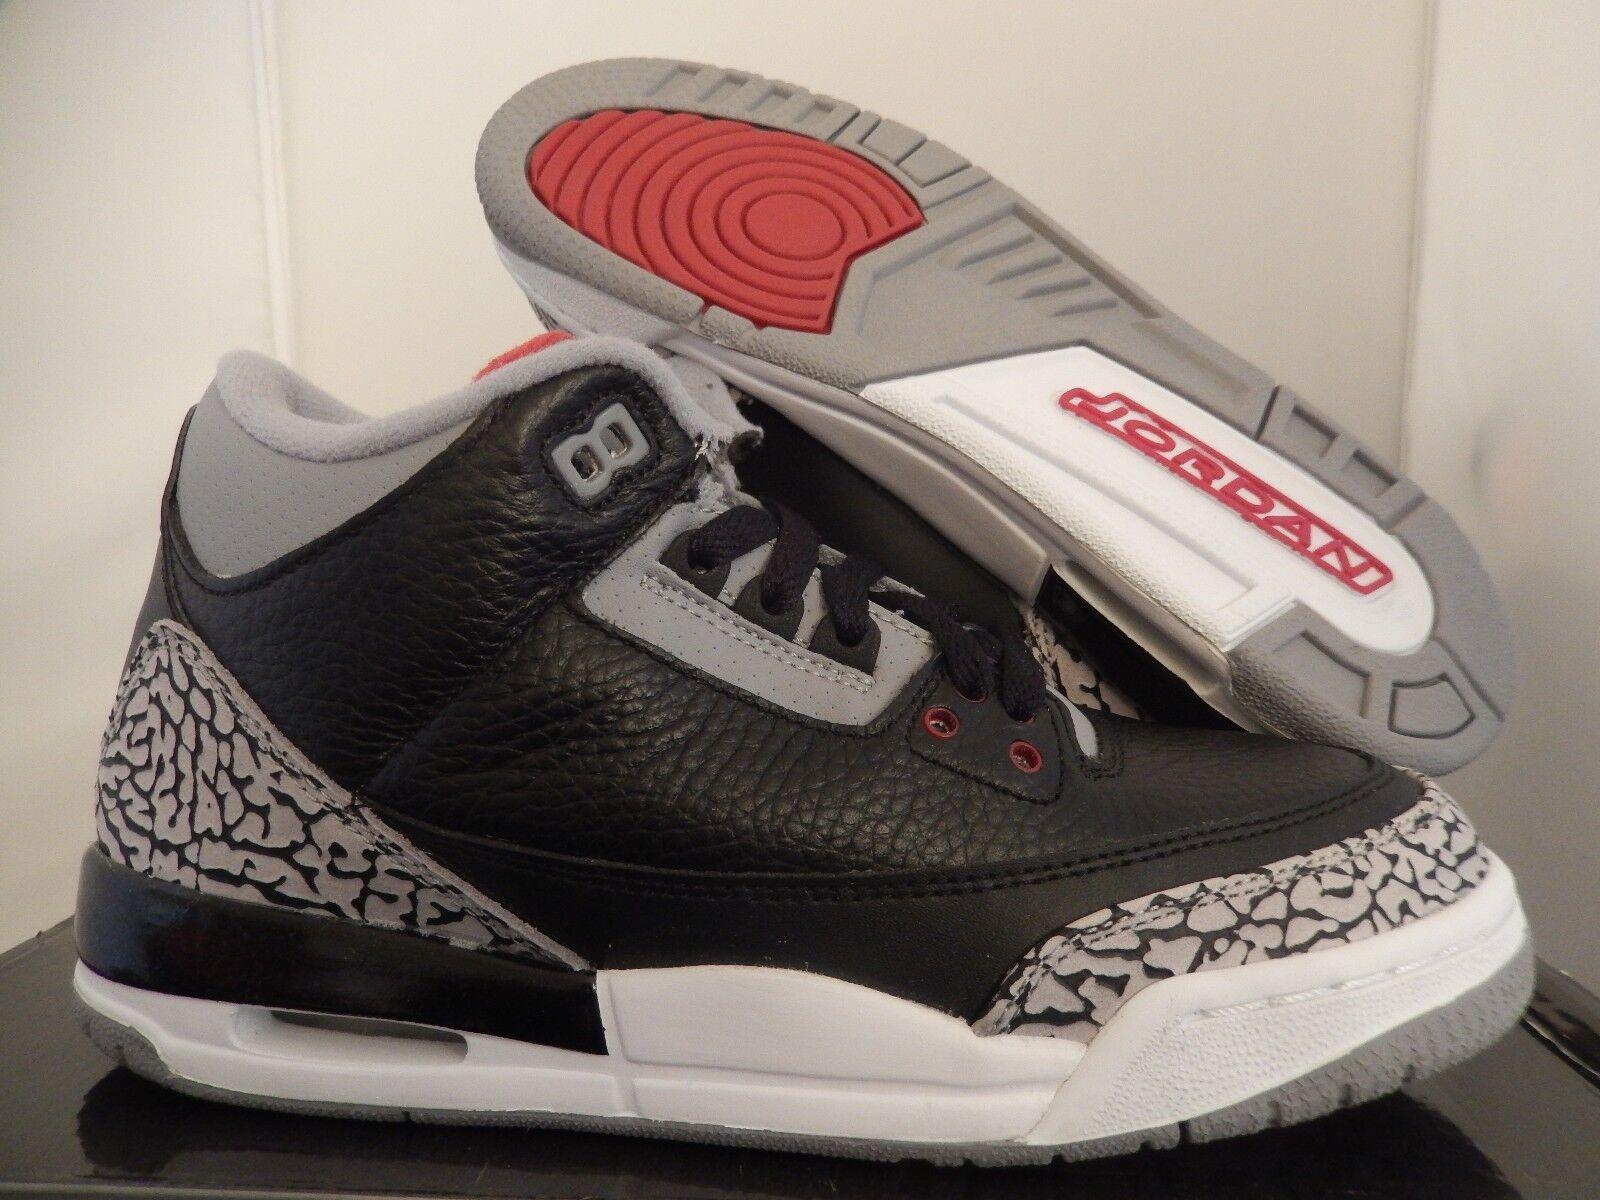 Nike Y Air Jordan 3 Retro (Gs) Negro-Rojo-cemento Y Nike - Para Mujer [398614-010] c7e911